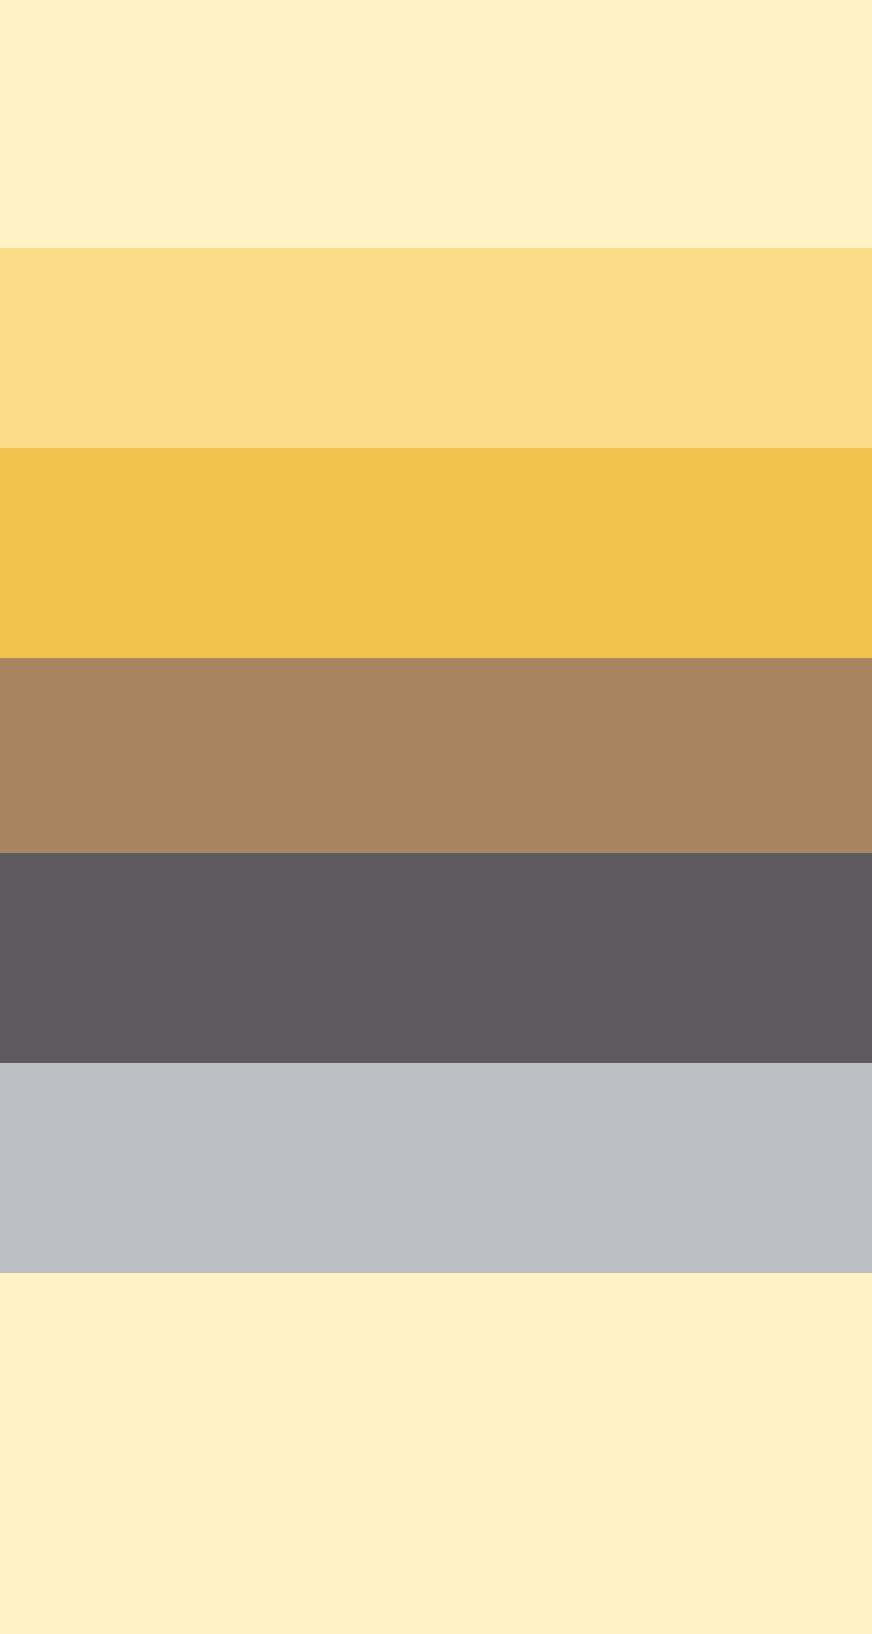 iphone6_organizer_yellow_gray